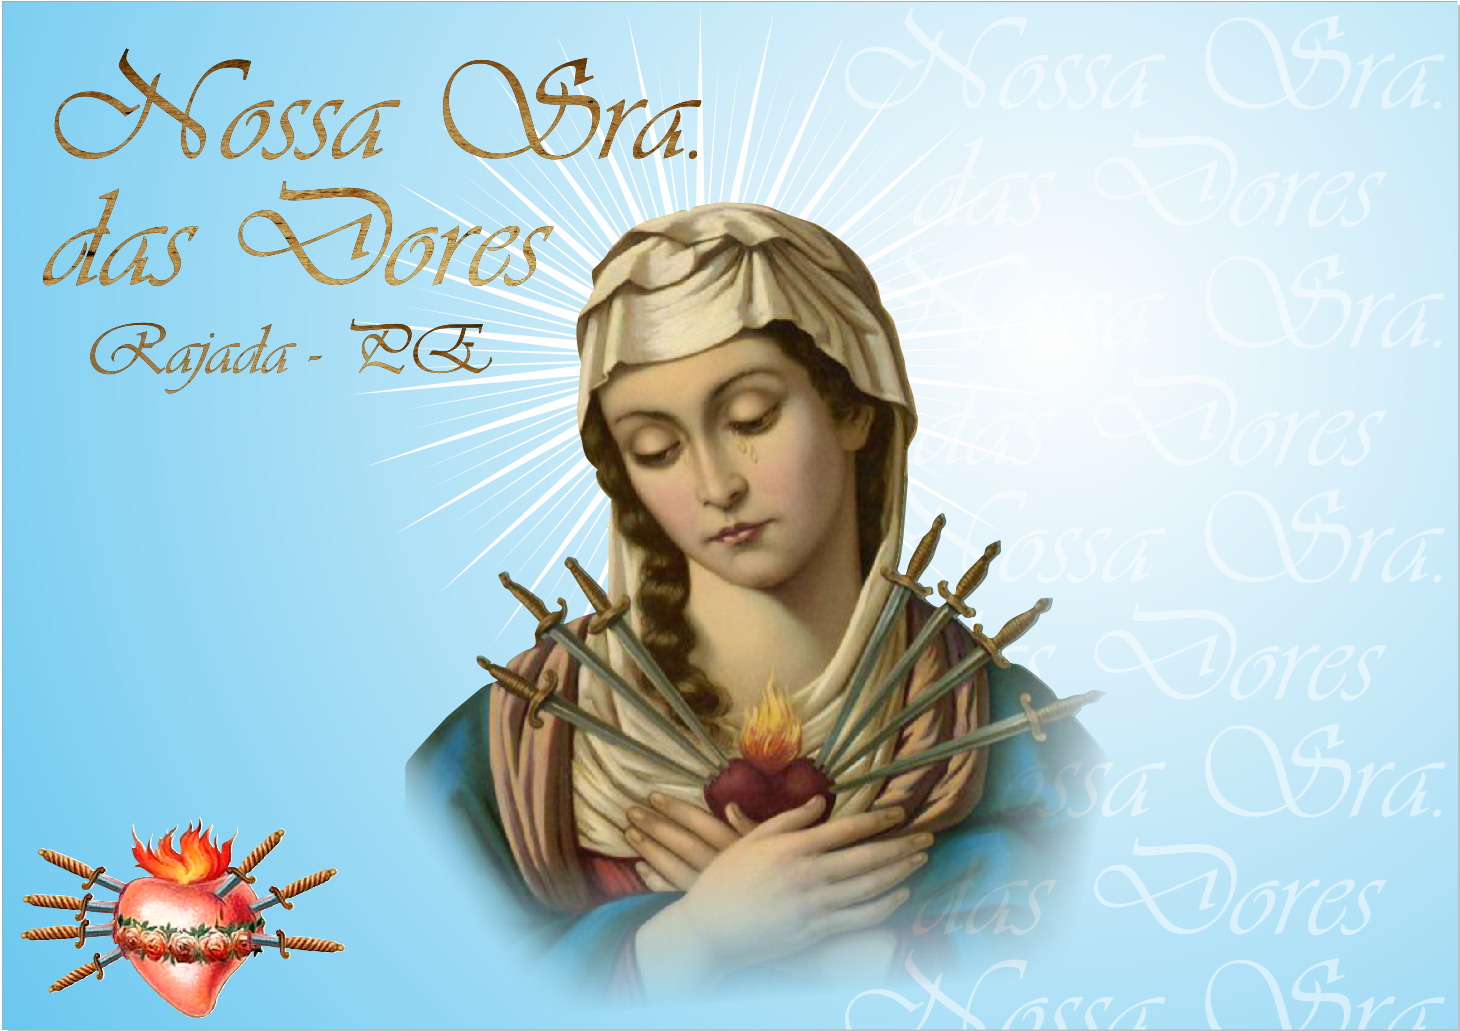 Resultado de imagem para festa da padroeira `Nossa Senhora das Dores´ no distrito de Rajada.